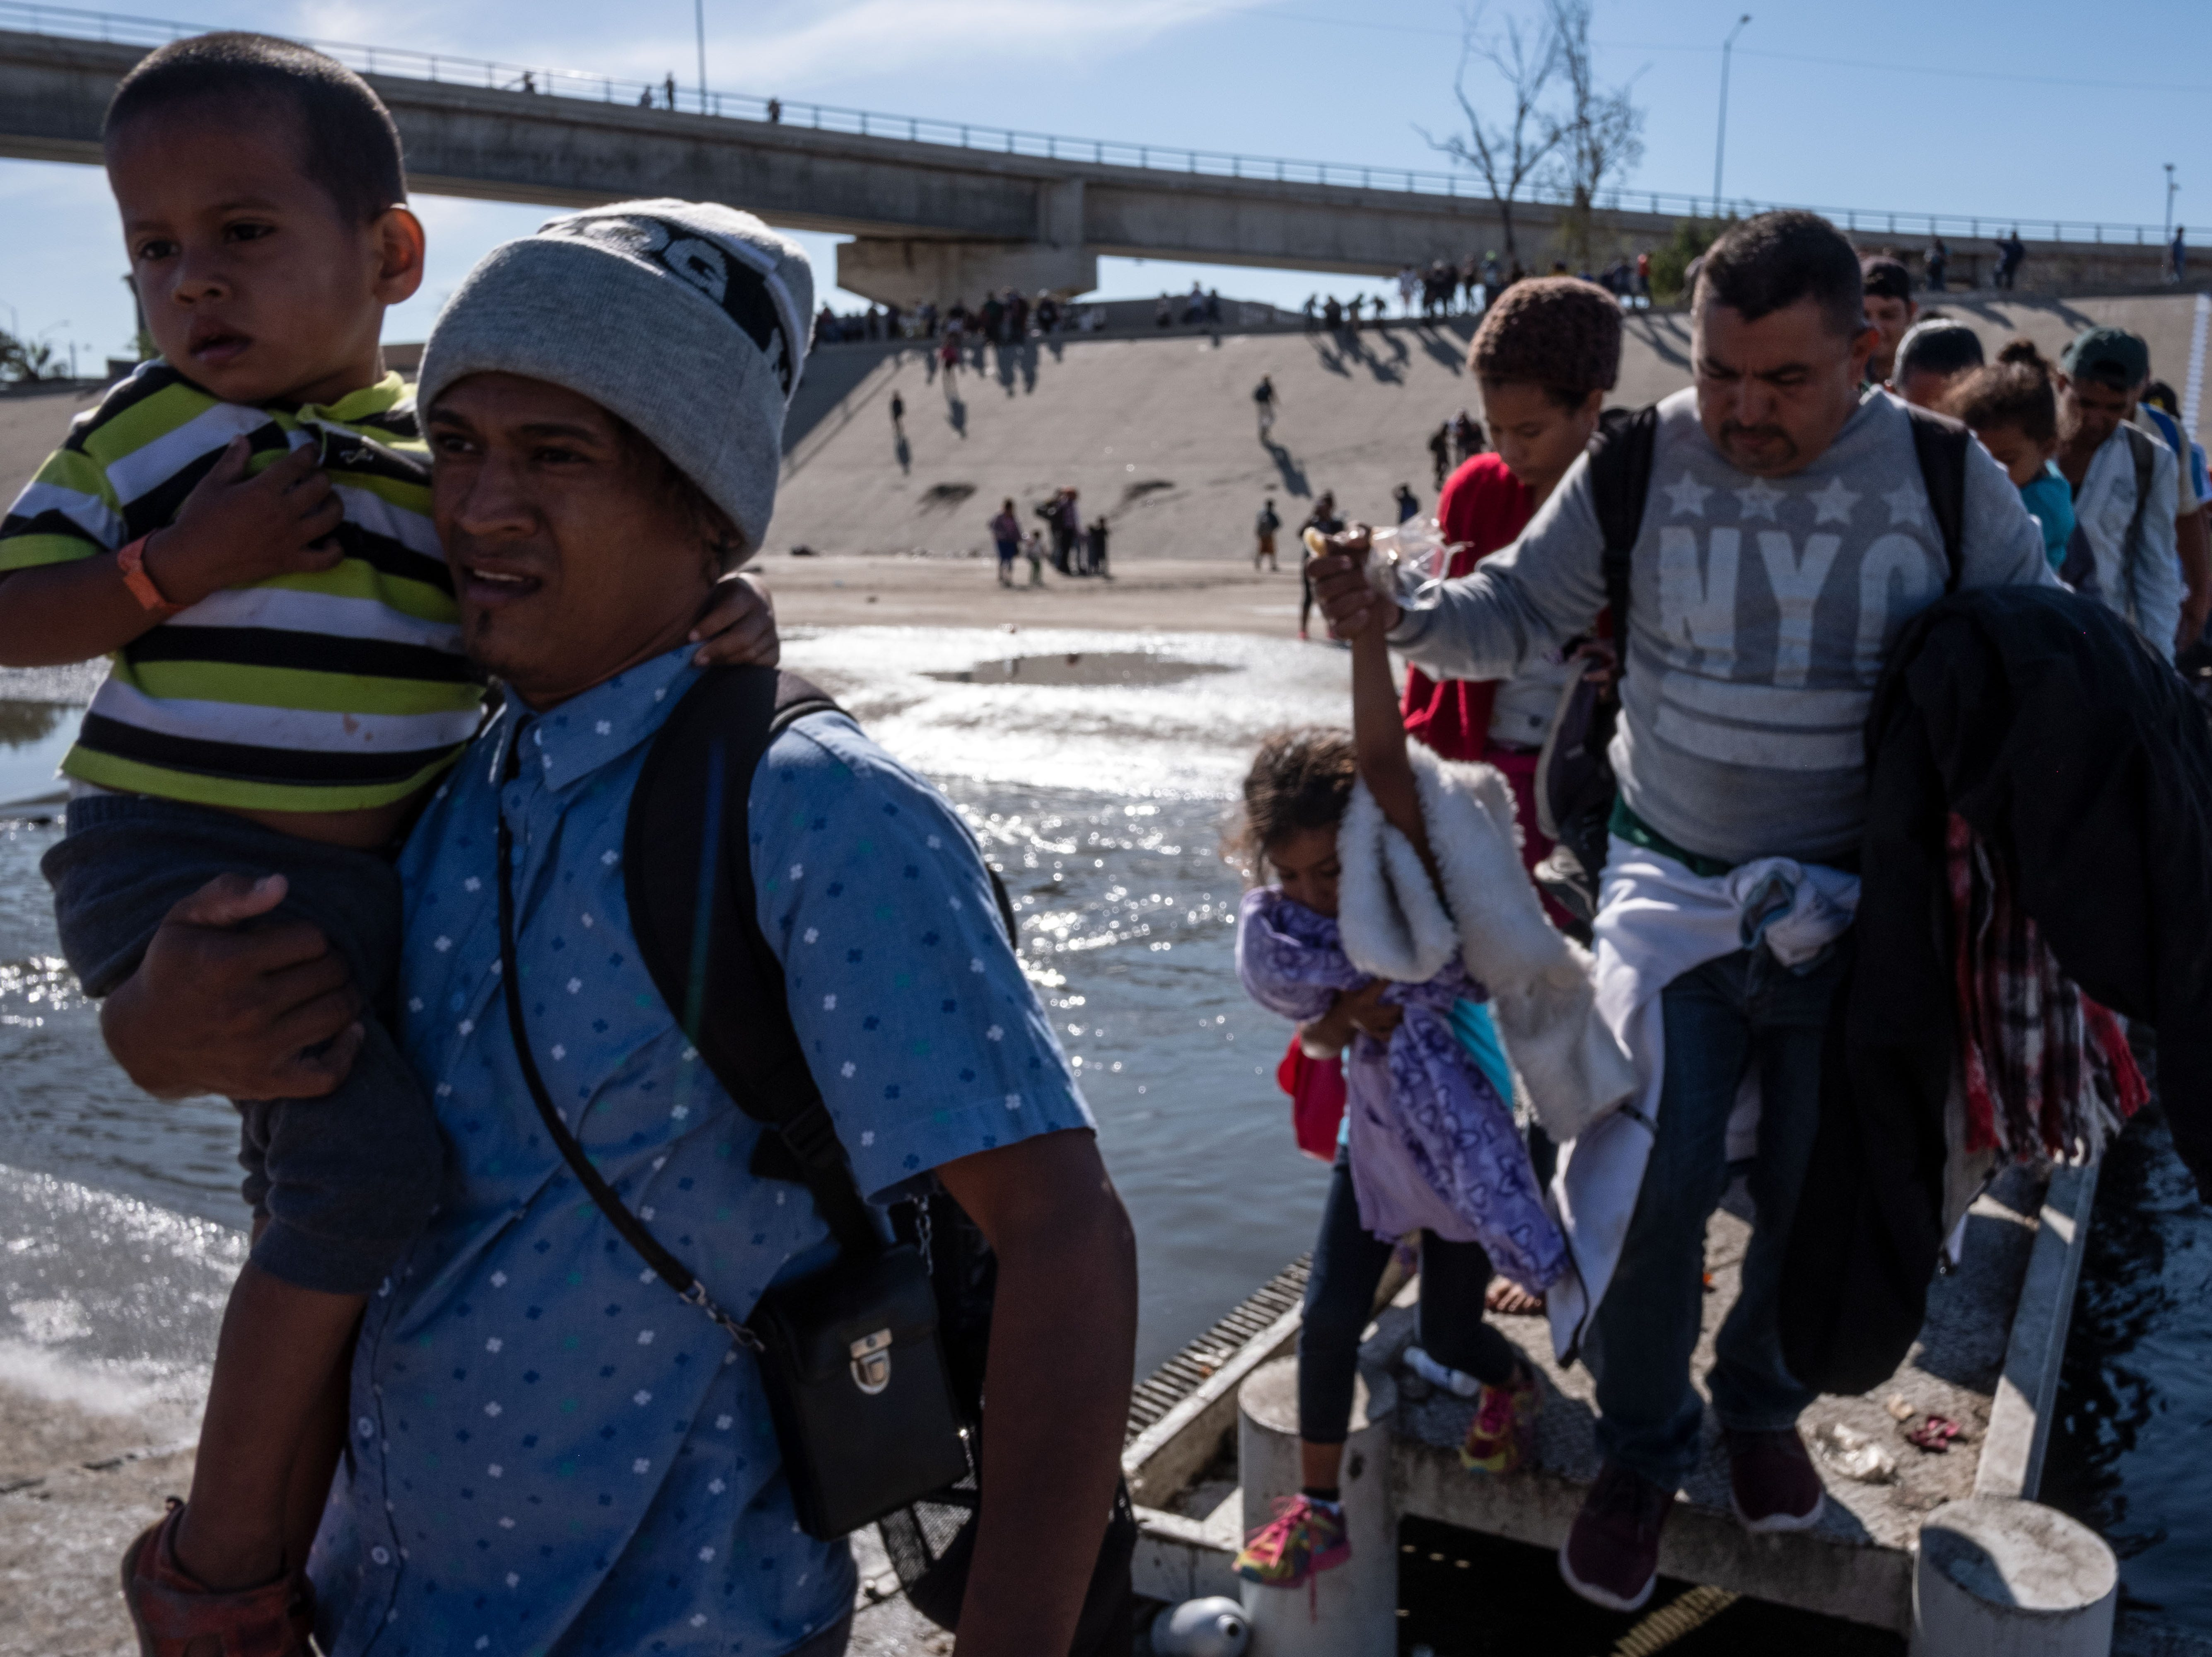 Un grupo de migrantes centroamericanos, principalmente de Honduras, cruzan el río Tijuana en un intento por llegar al cruce fronterizo de El Chaparral en la frontera México-Estados Unidos, en Tijuana, estado de Baja California, México, el 25 de noviembre. 2018